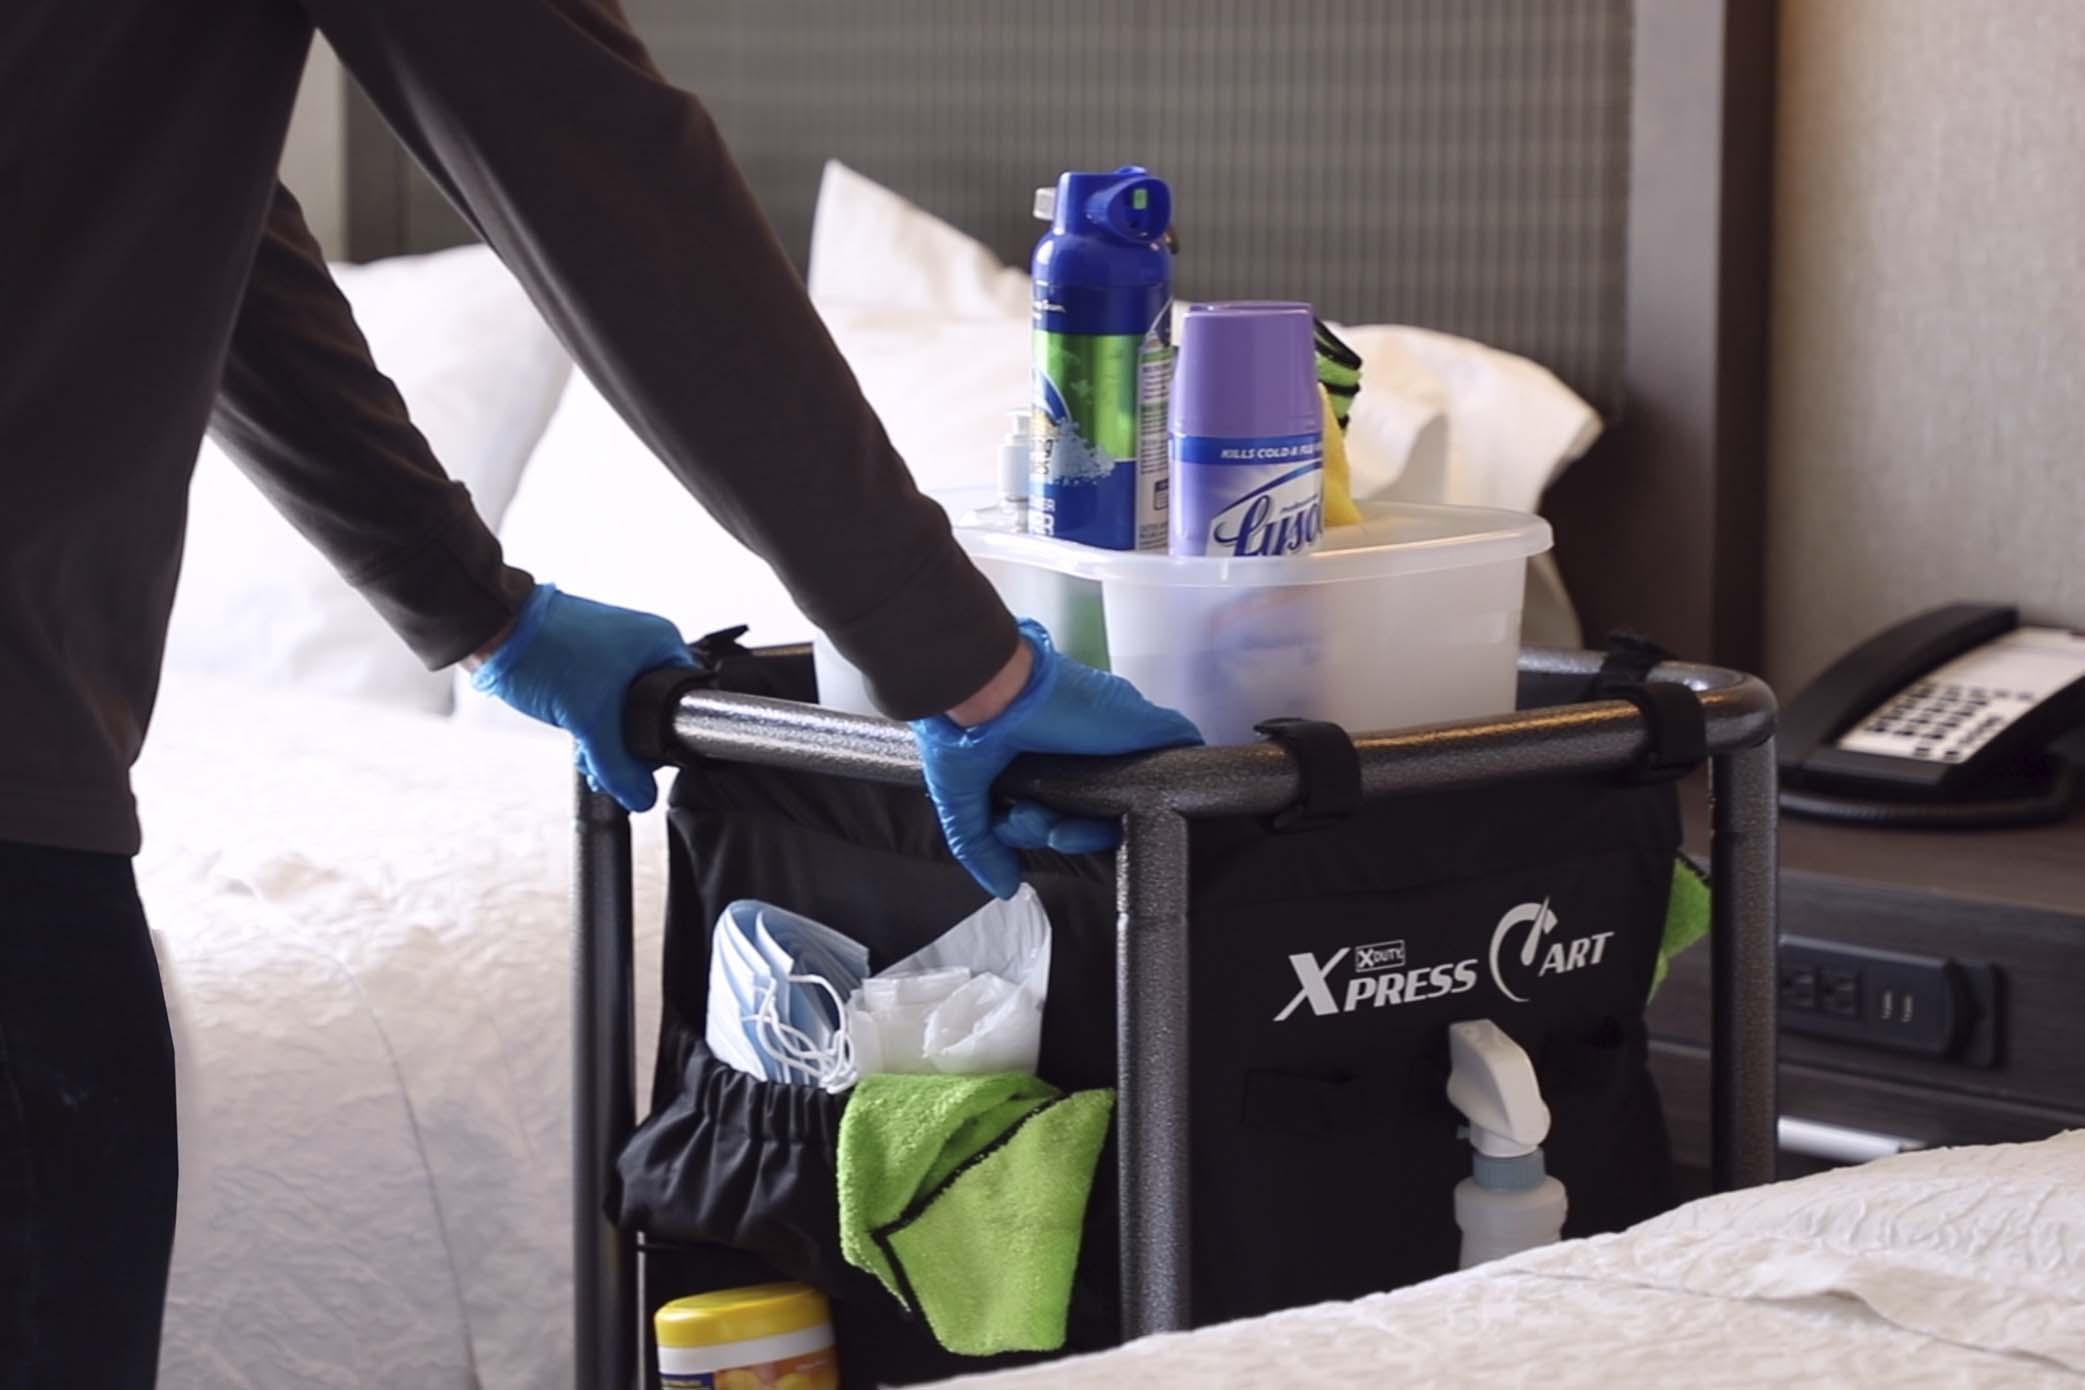 Housekeeping cart in guest room